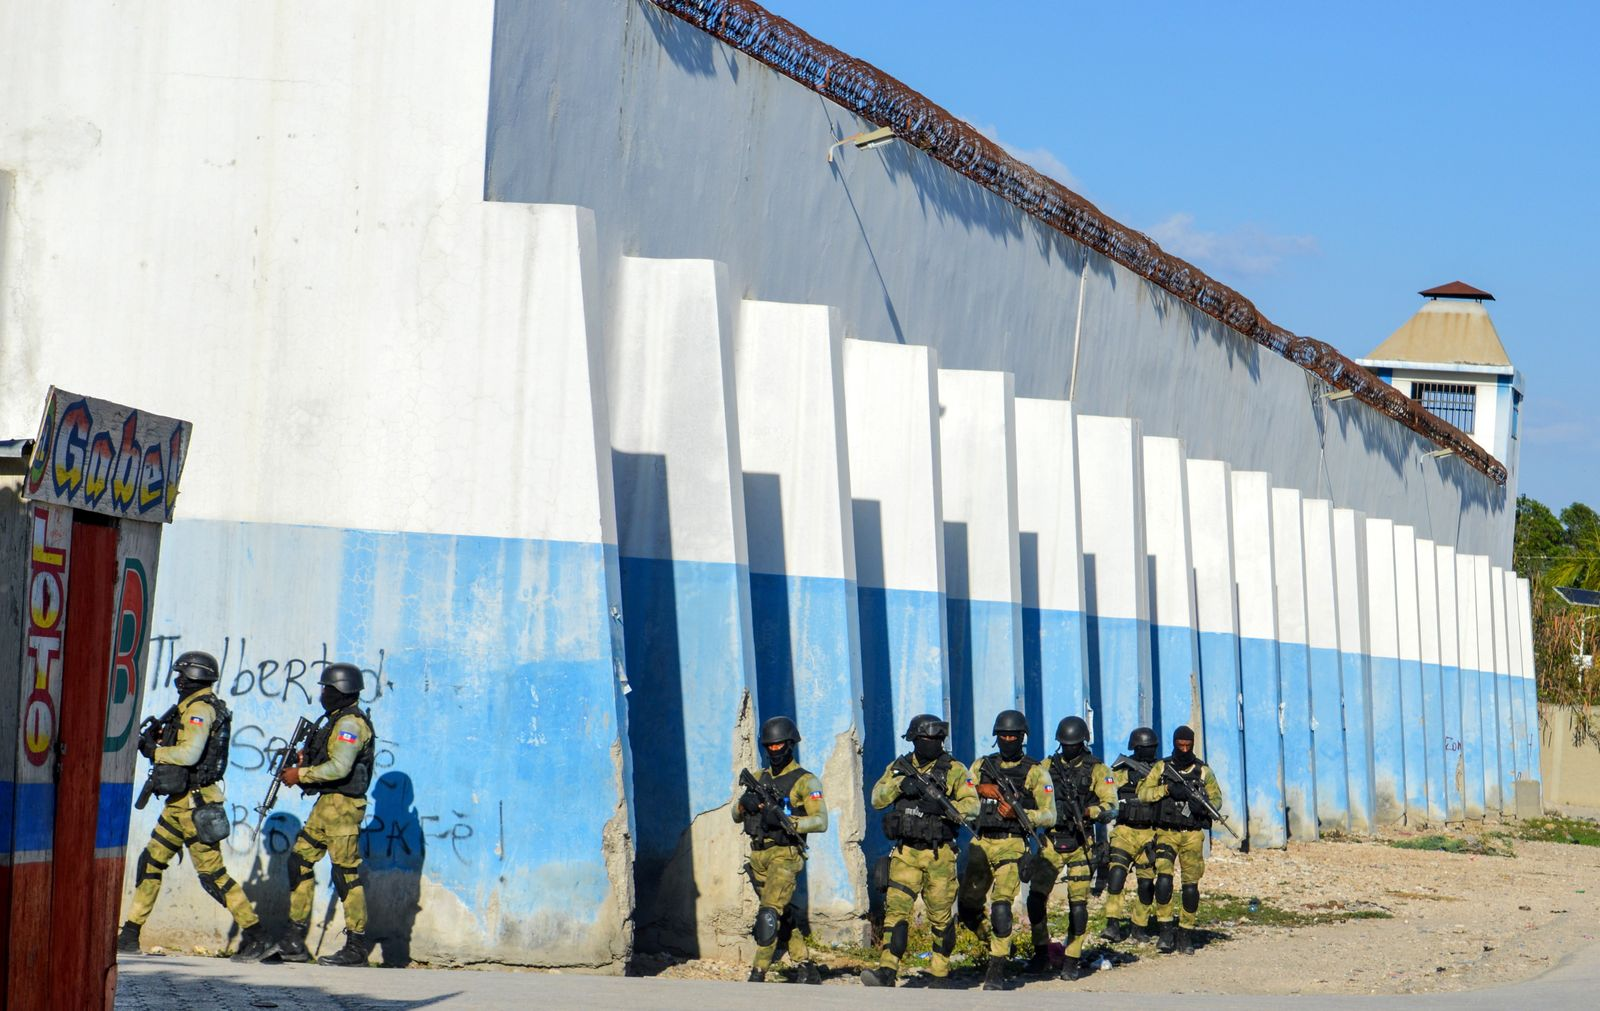 At least seven dead following prison break in Haiti